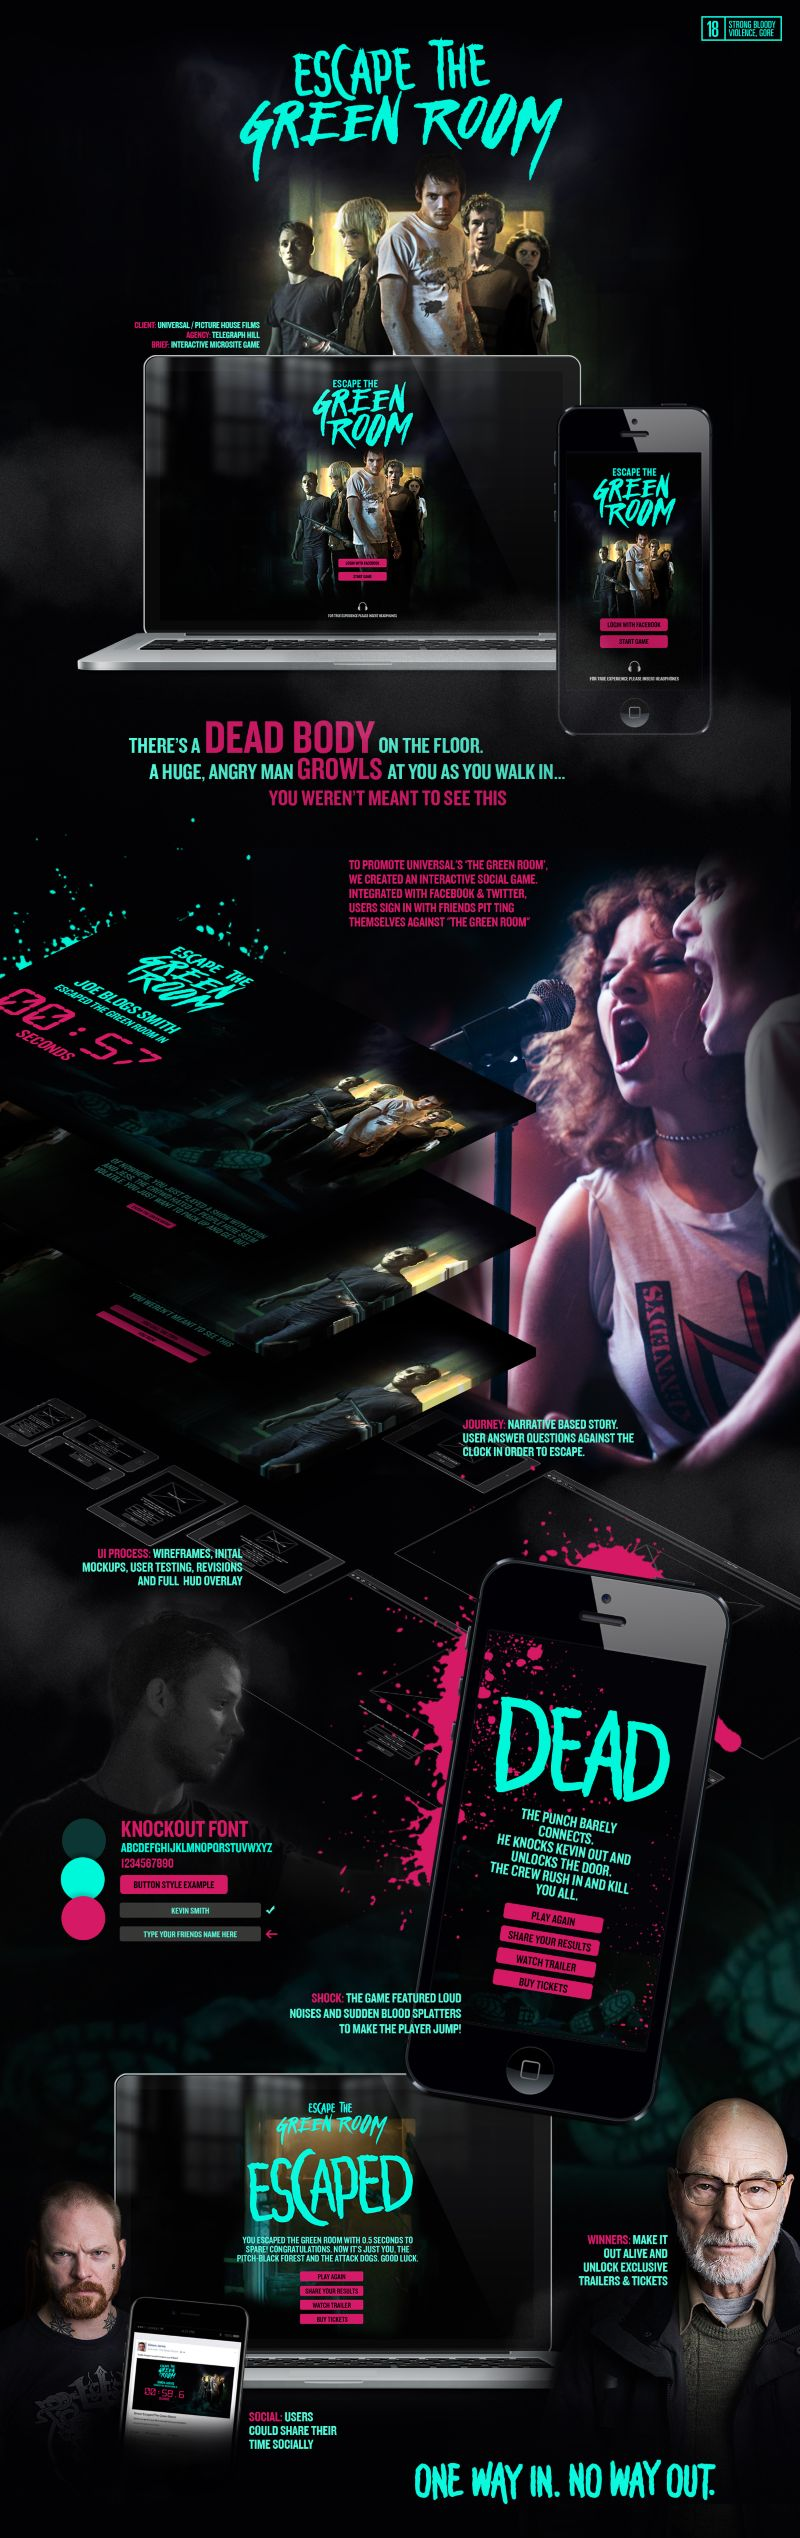 Escape The Green Room - Interactive Microsite